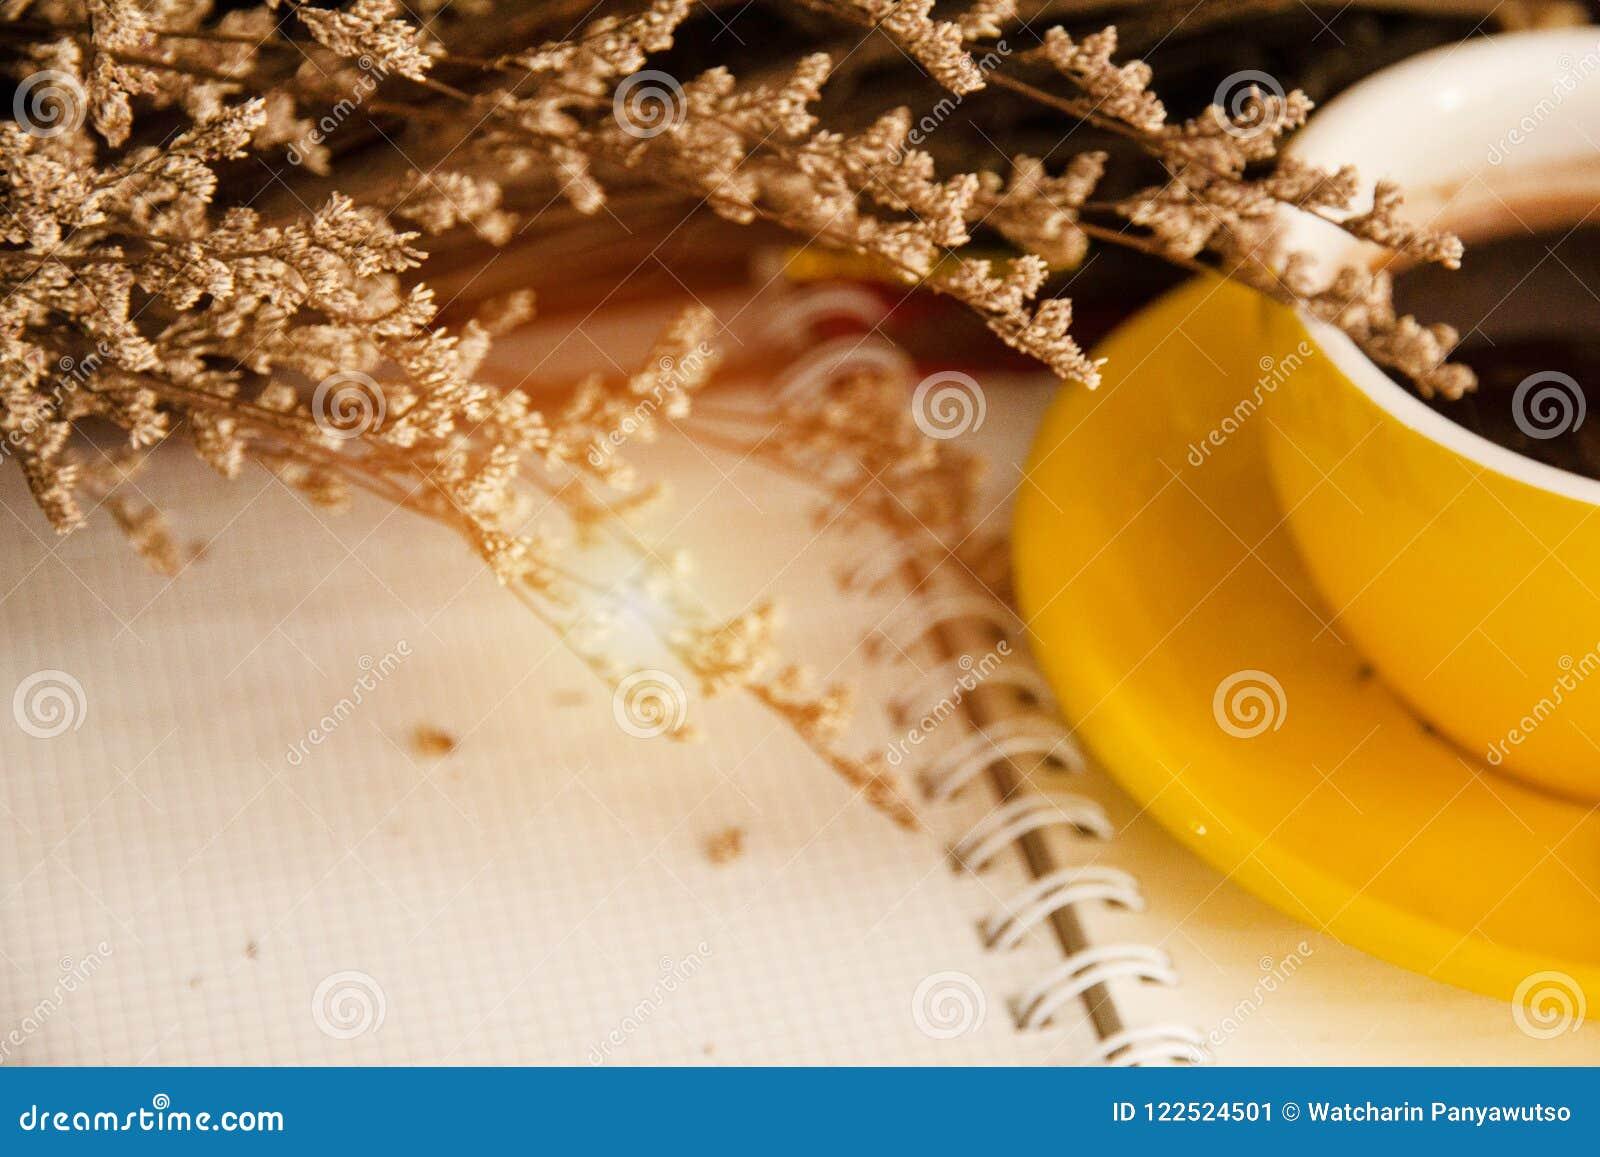 O fundo claro obscuro do projeto da flor secada e a metade do copo de café cerâmico amarelo puseram o estilo sobre aberto do livr